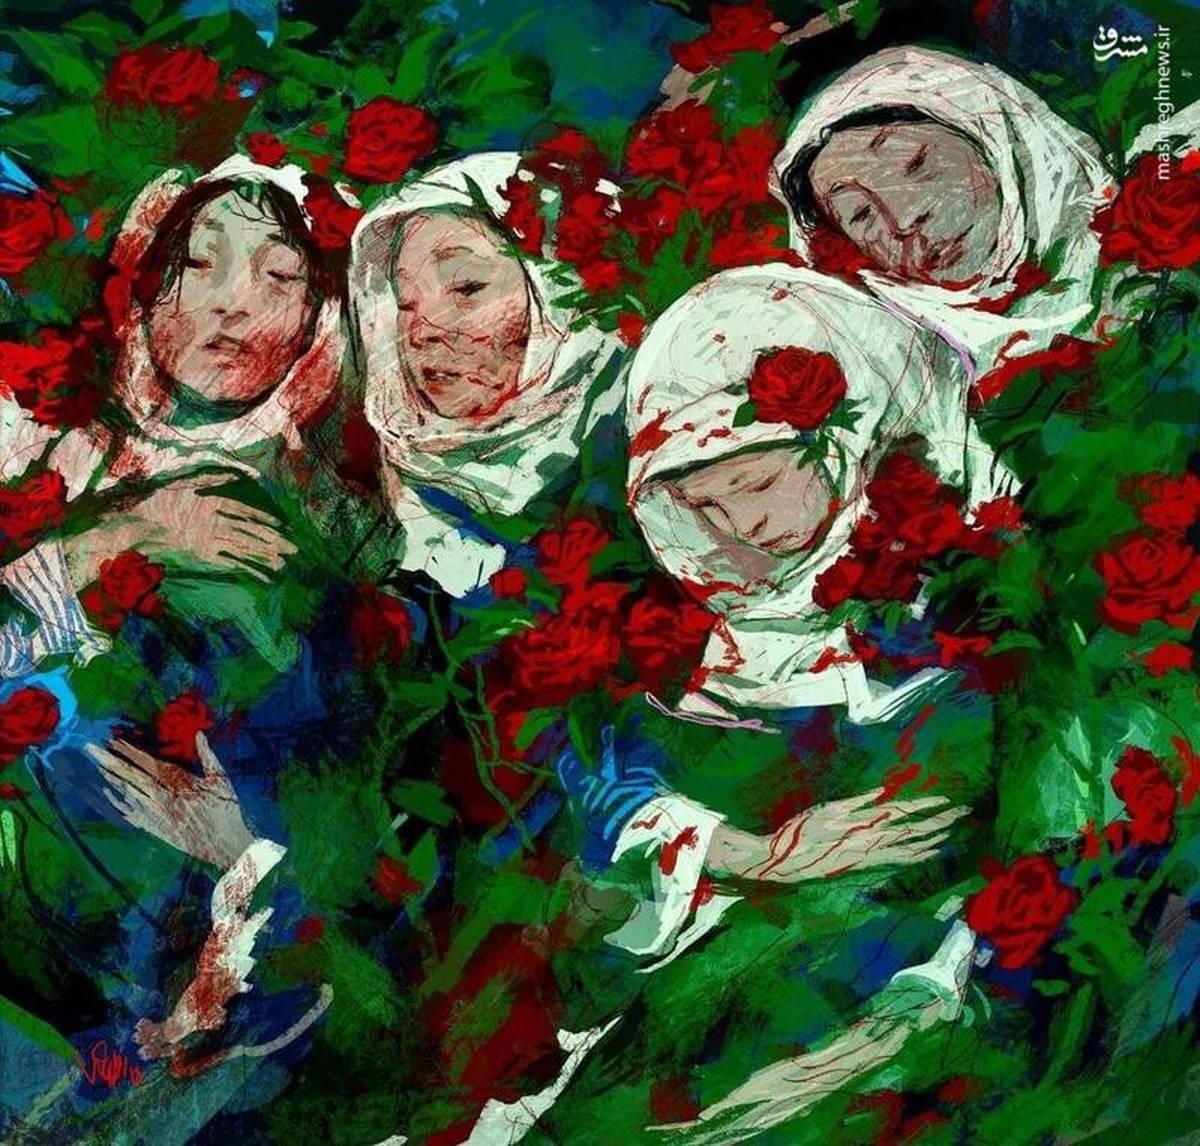 نقاشی جدید روح الامین برای نوگلان افغانستان + عکس